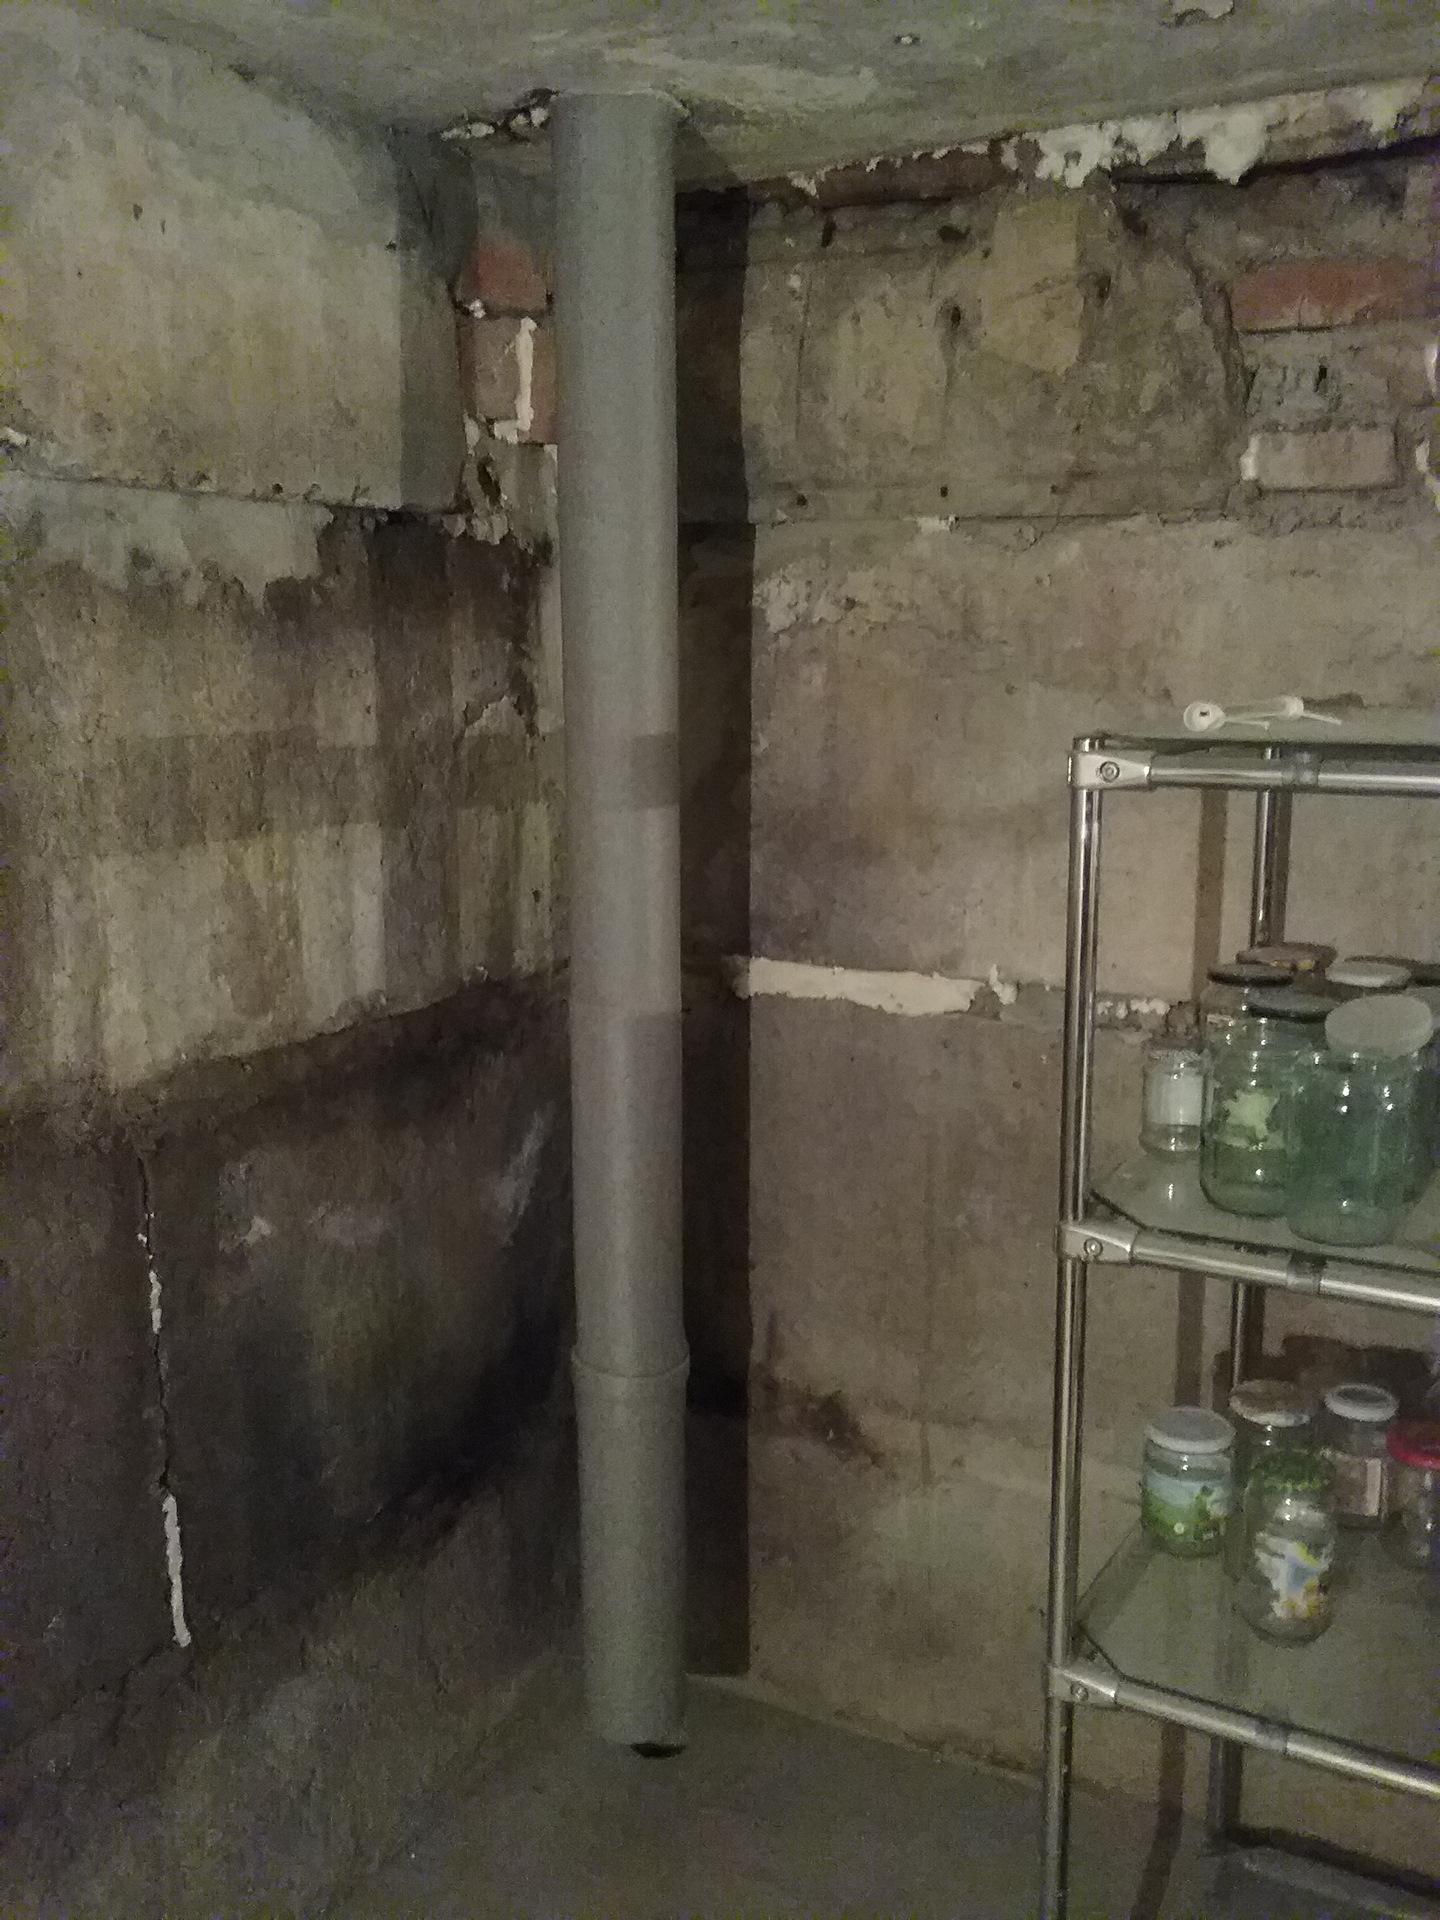 гости были фото вентиляционных систем в погребе происхождения, про